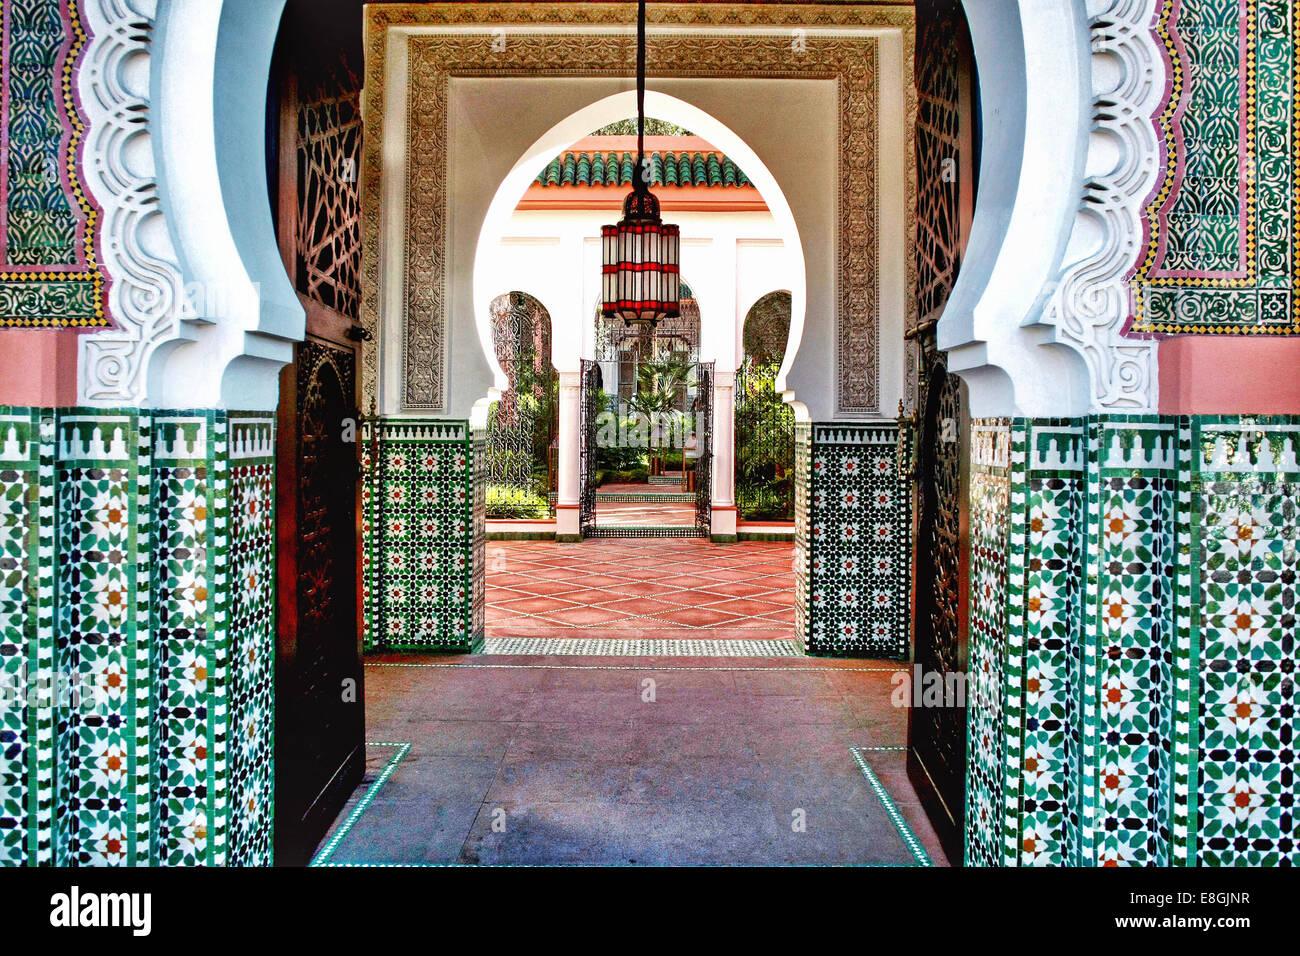 Marruecos, Marrakesh-Tensift-El Haouz, provincia de Marrakech, Marrakech, Hotel interior con arco Imagen De Stock